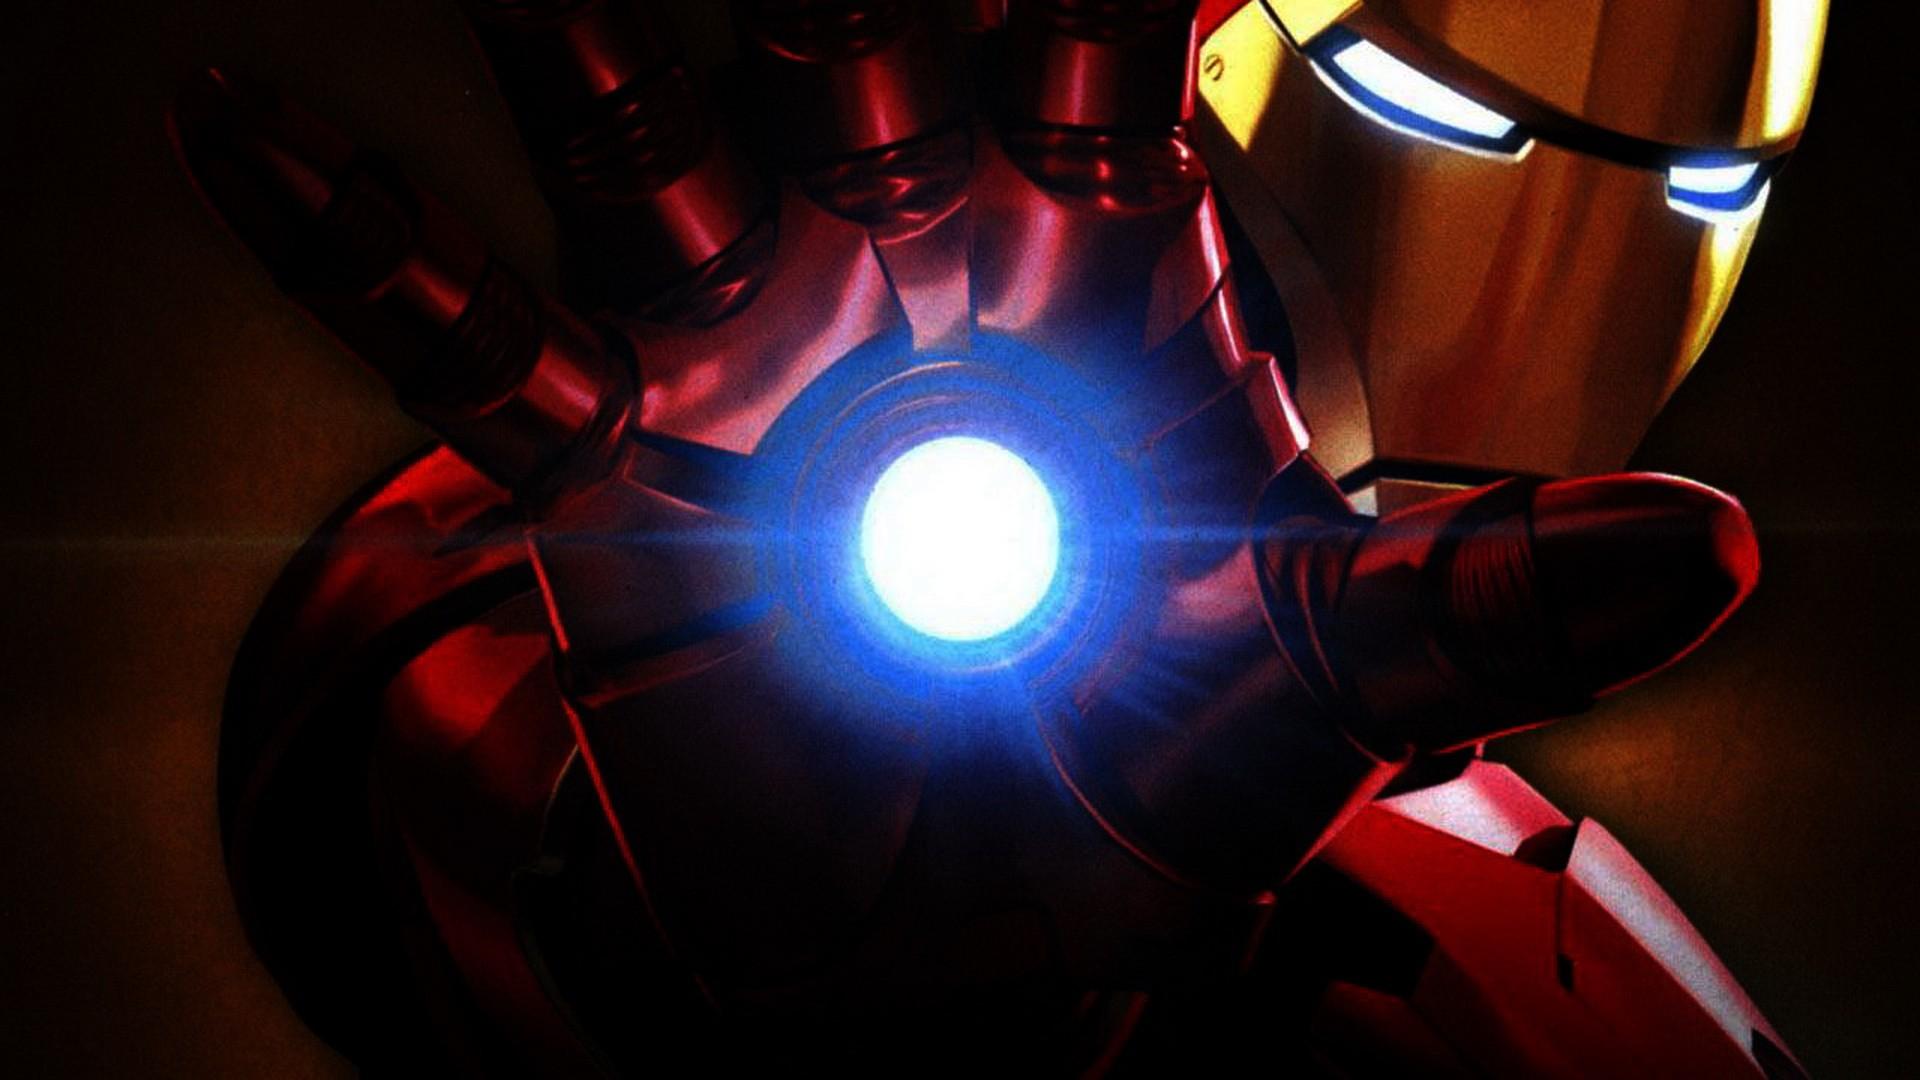 1080p iron man 3 EPIC 1920x1080